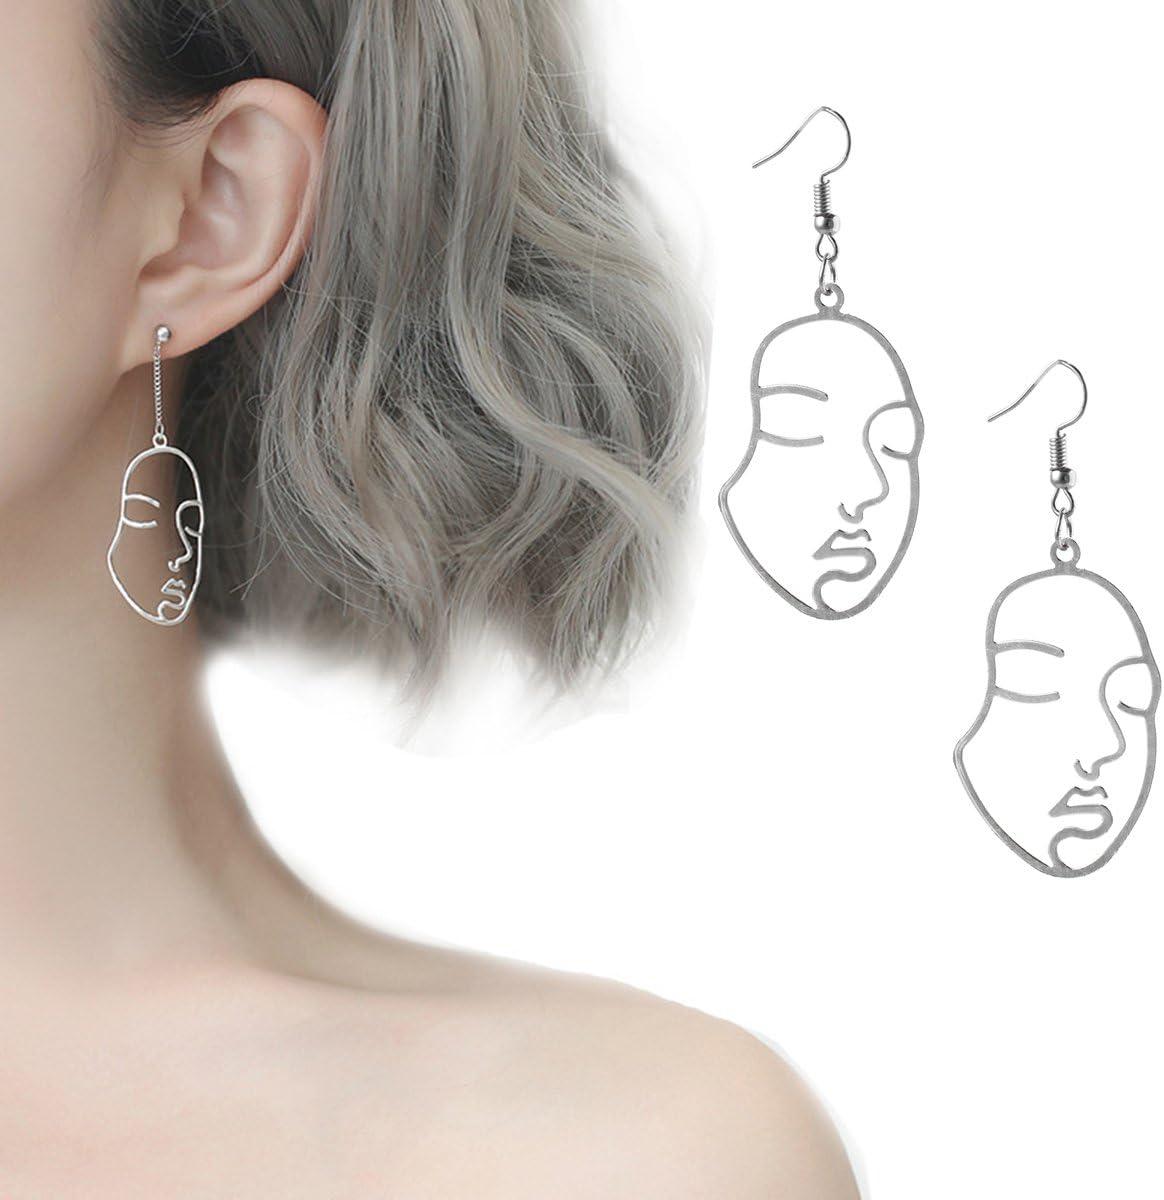 Tpocean - Pendientes colgantes de metal con diseño abstracto de cara estilo gótico, vintage, Harajuku, etc. Para mujeres y niñas